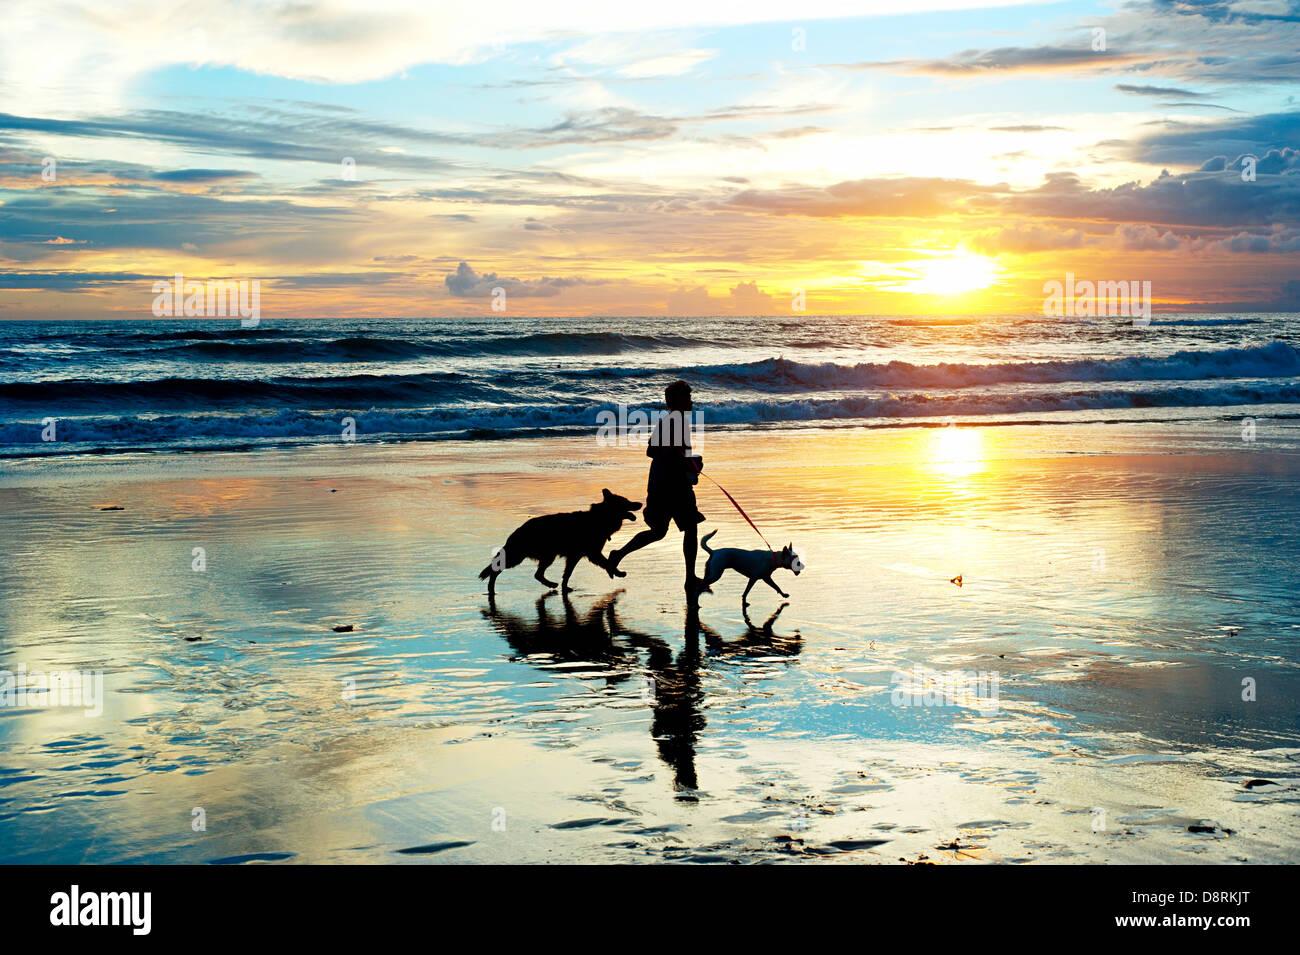 Homme avec un chiens qui courent sur la plage au coucher du soleil. L'île de Bali, Indonésie Photo Stock